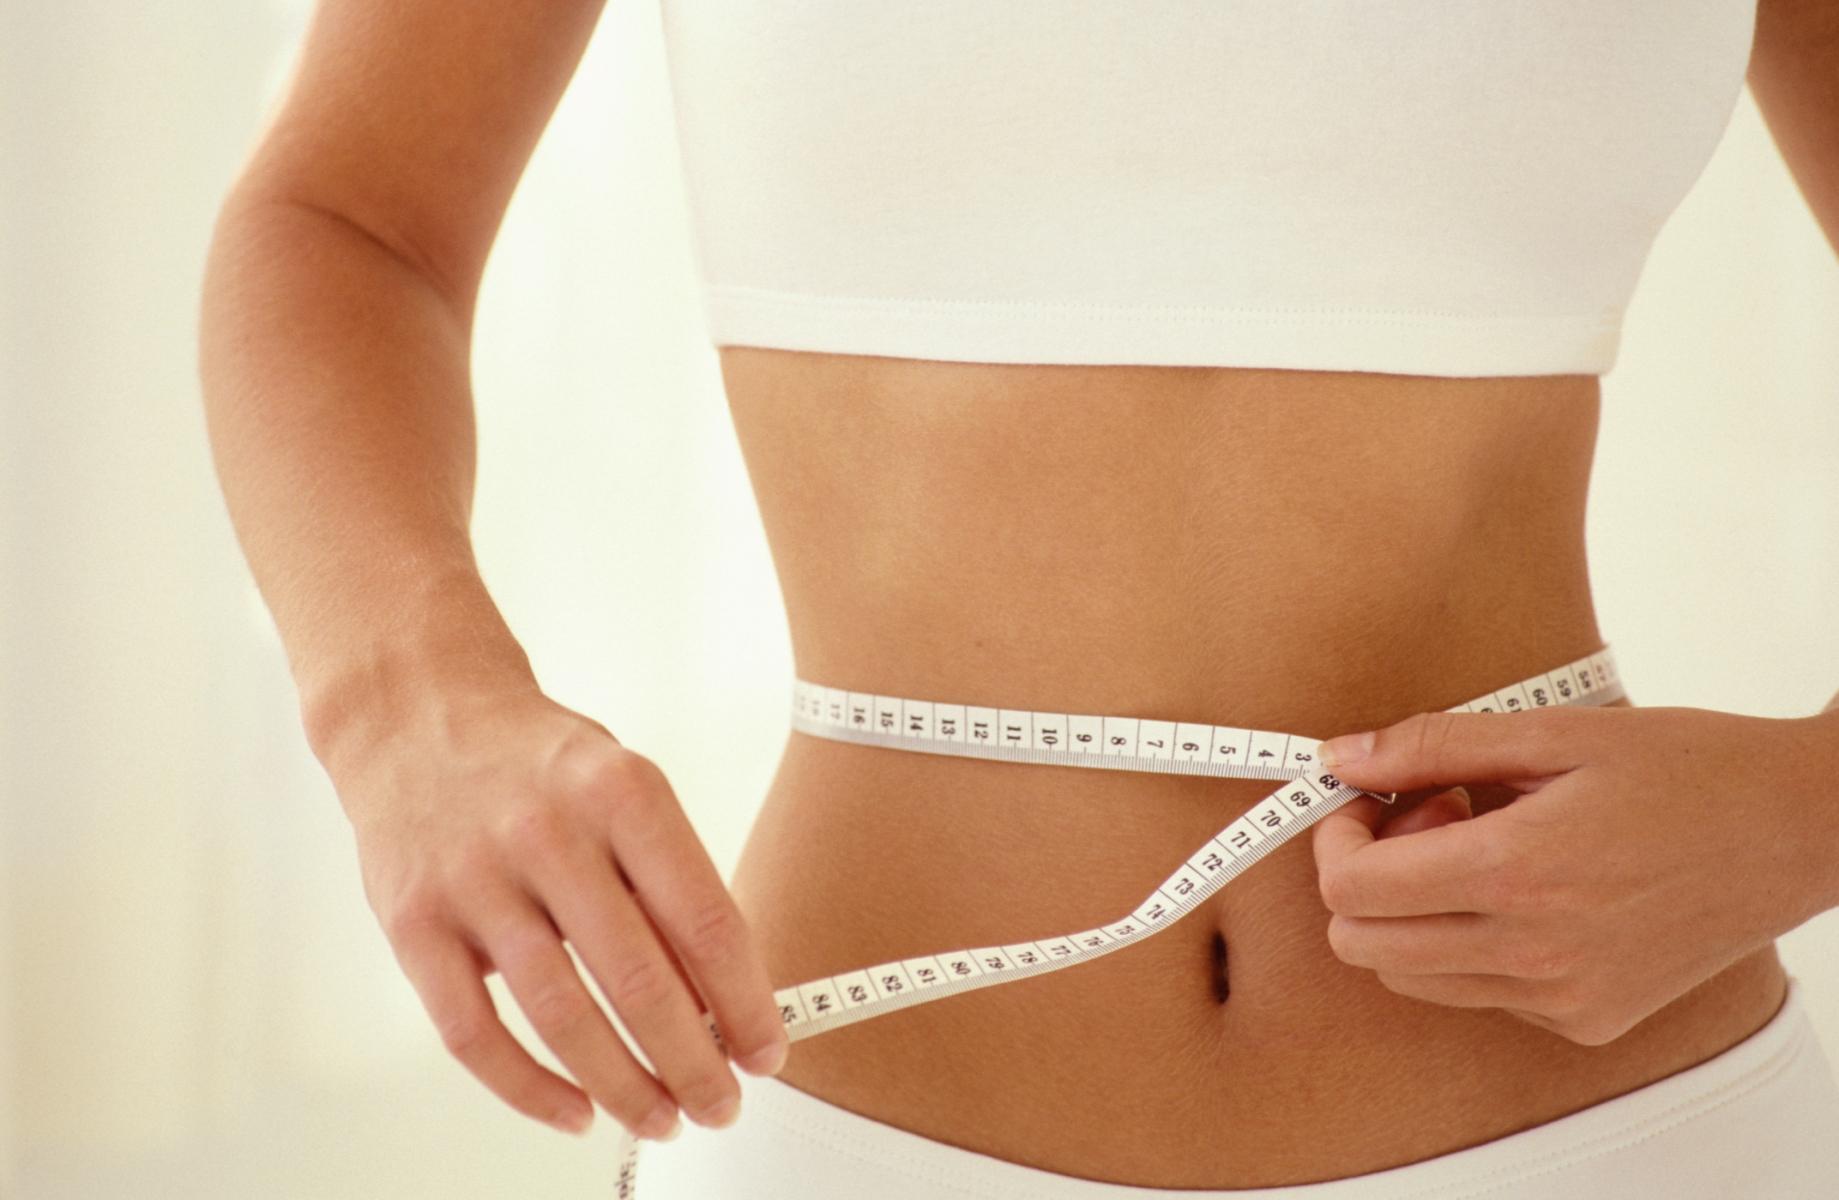 Cómo medir grasa corporal en casa